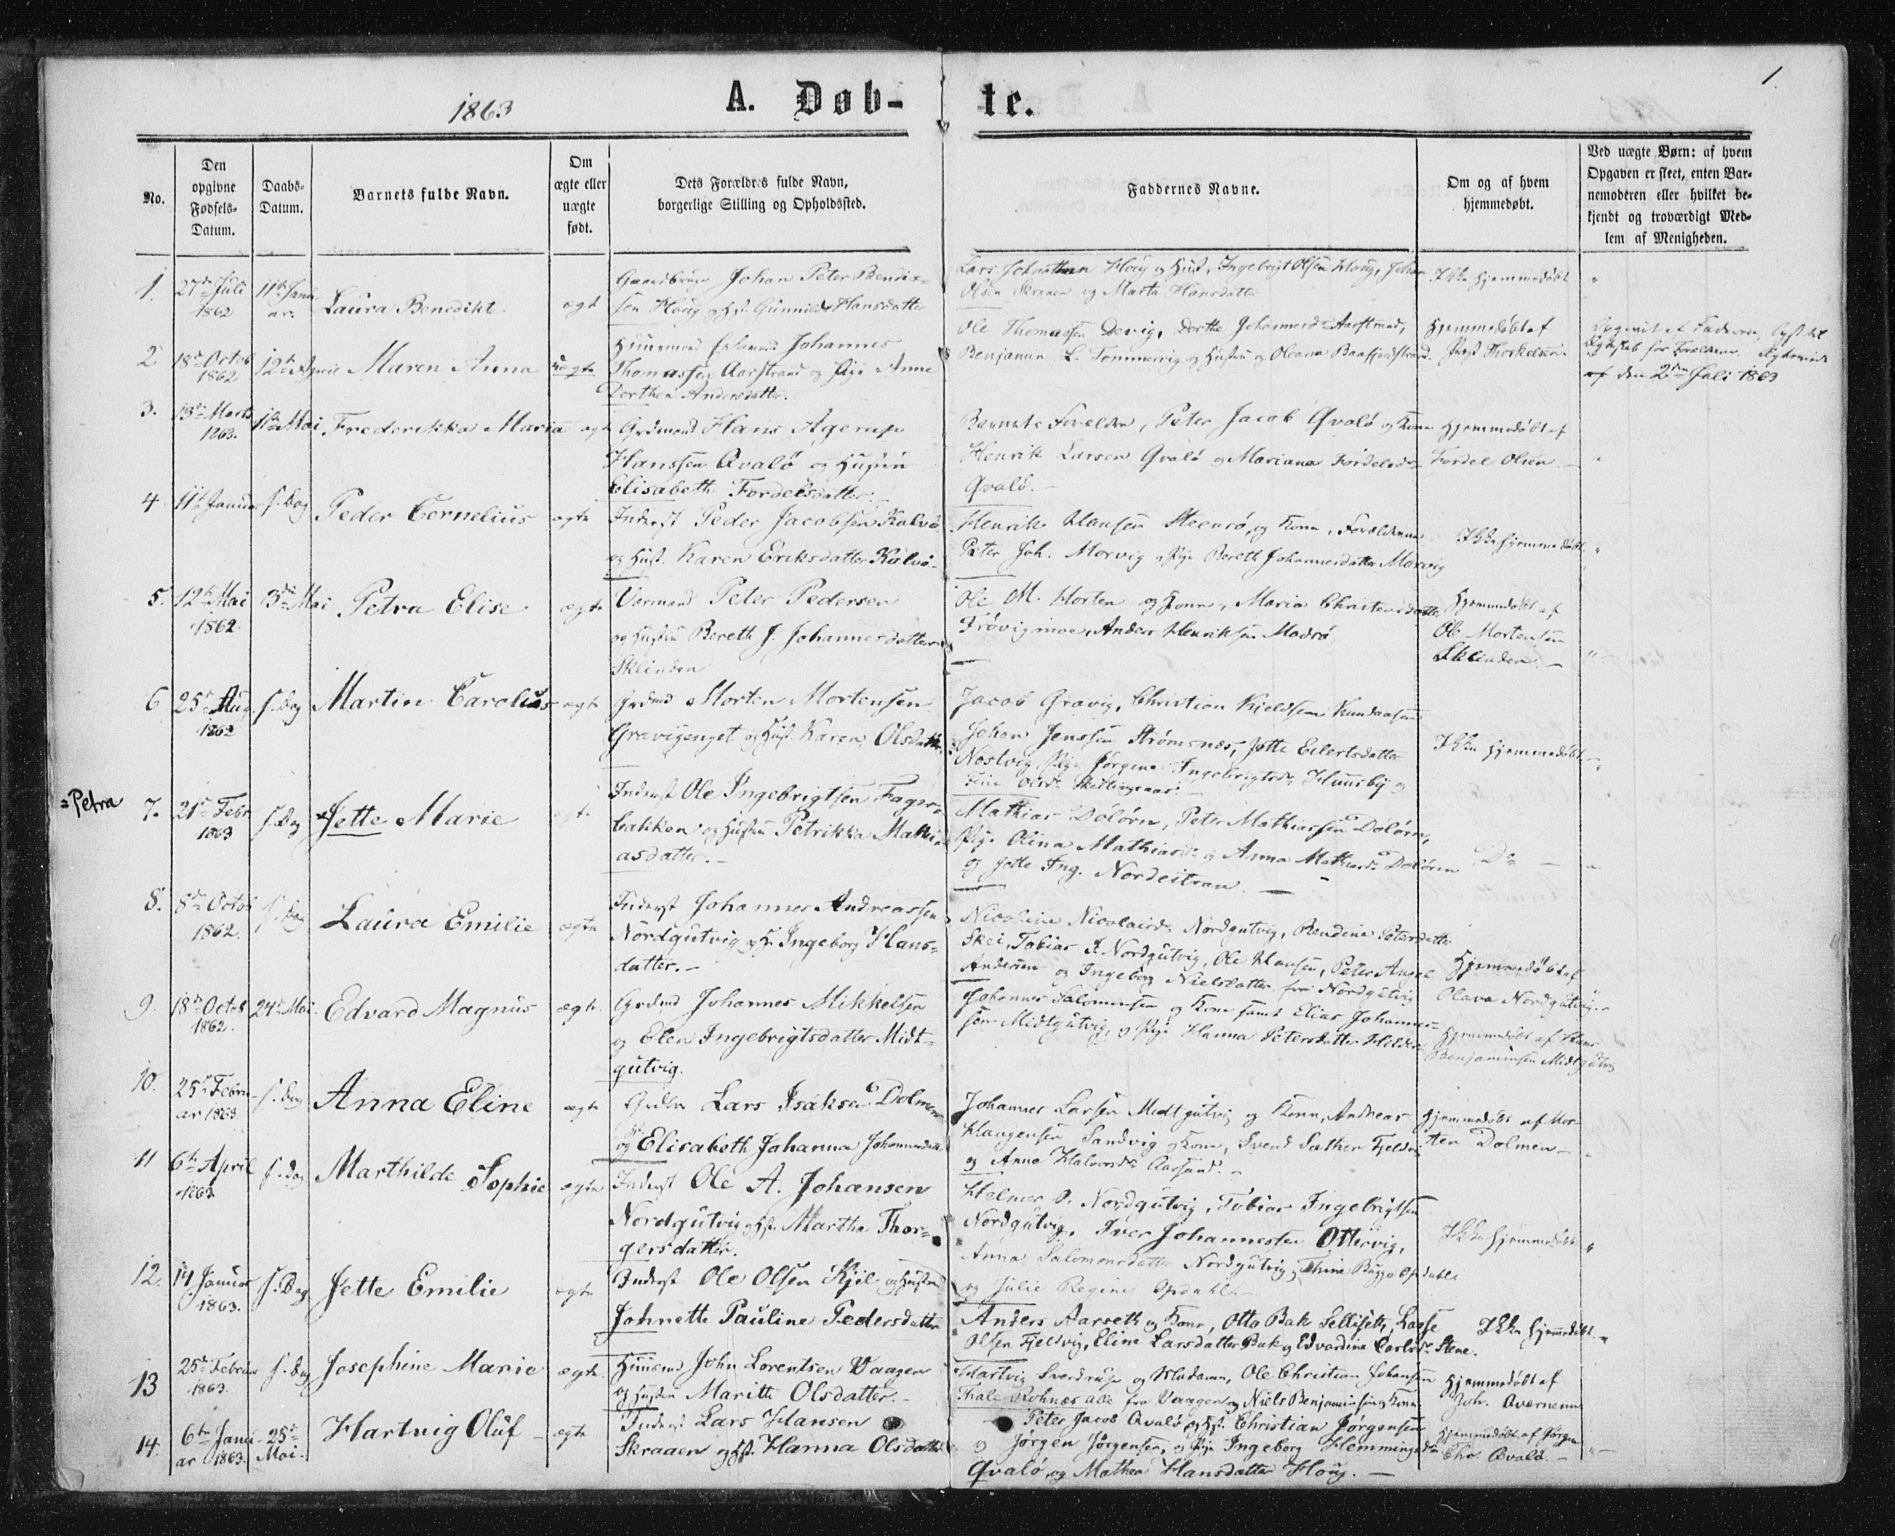 SAT, Ministerialprotokoller, klokkerbøker og fødselsregistre - Nord-Trøndelag, 788/L0696: Ministerialbok nr. 788A03, 1863-1877, s. 1